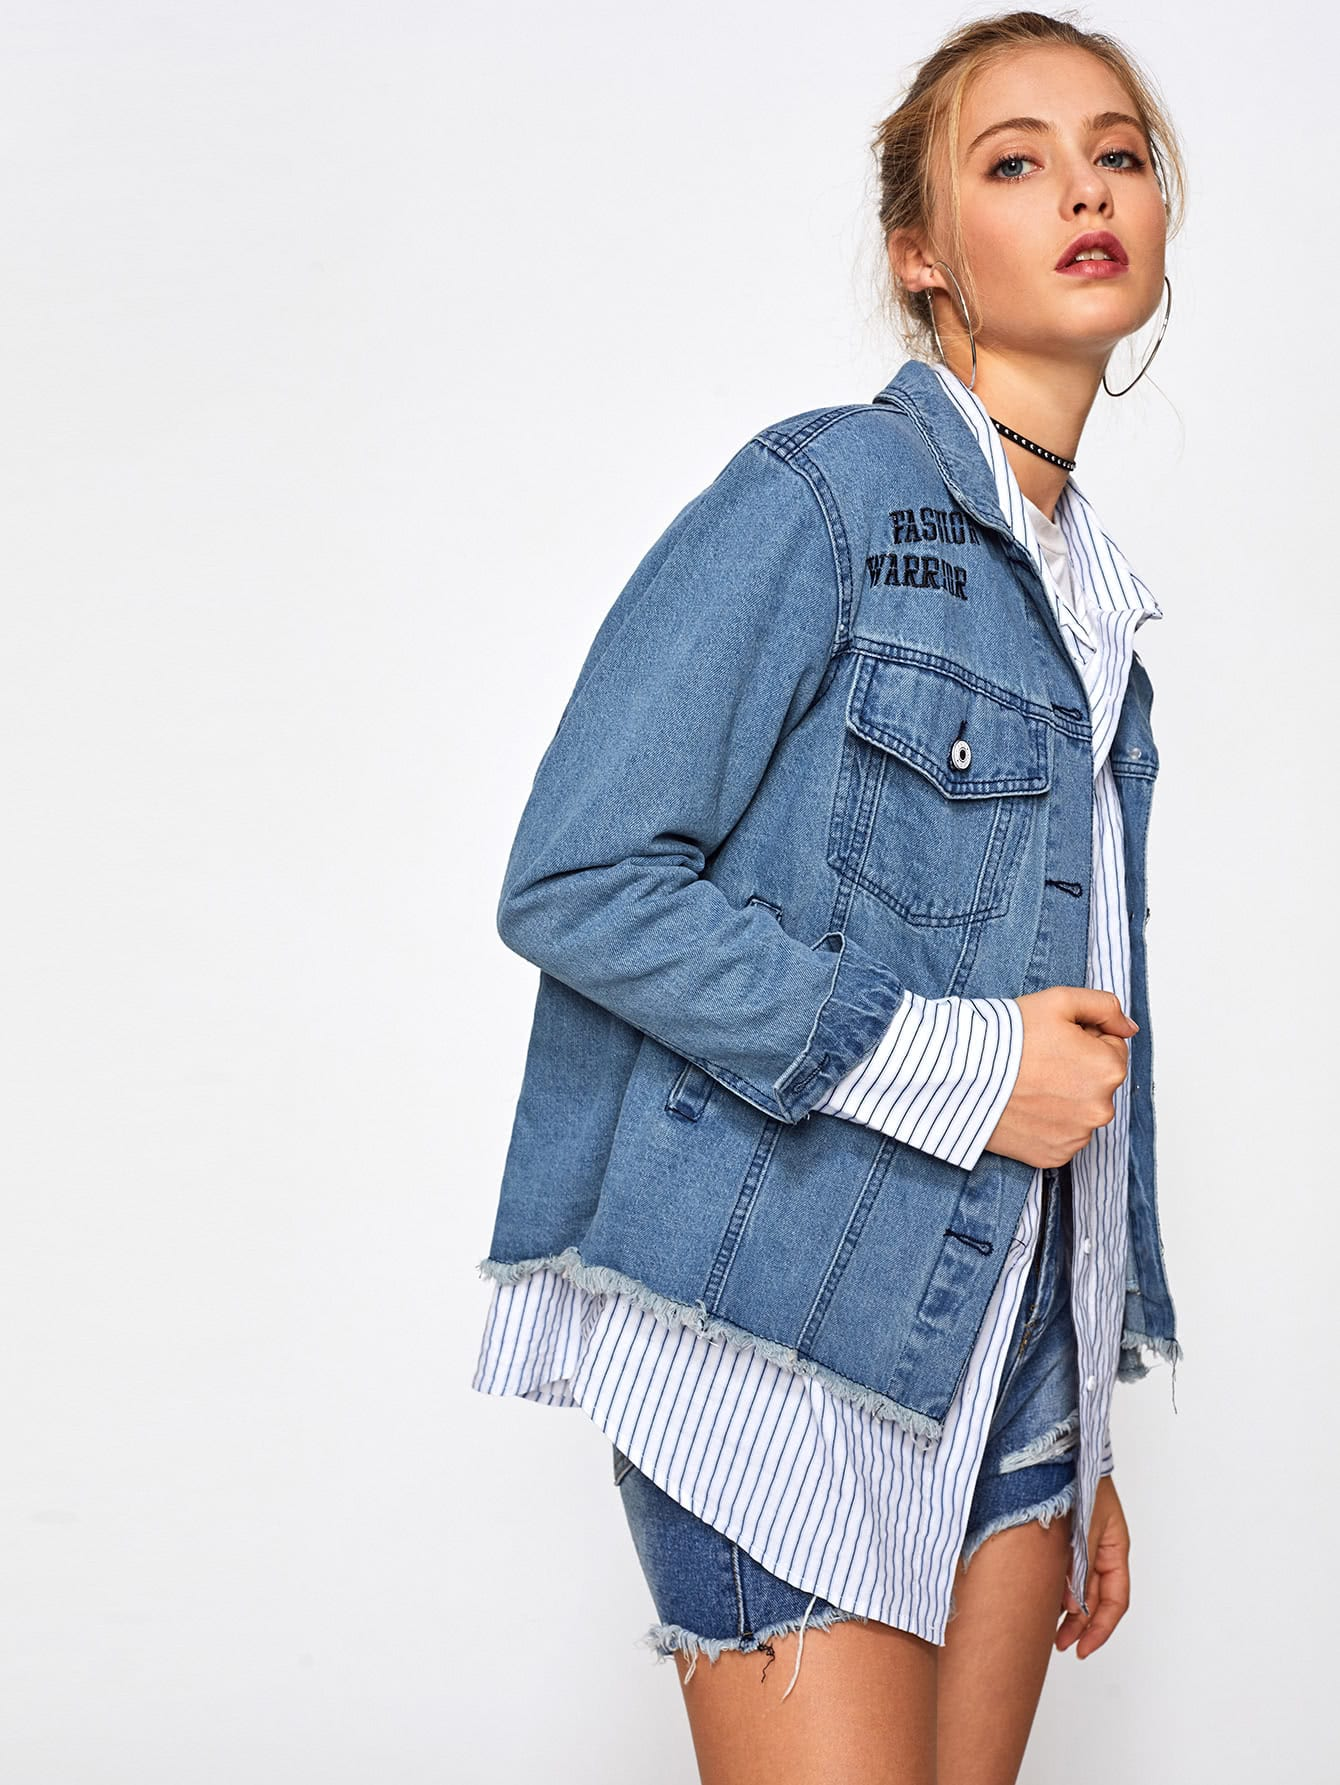 zerrissene jeans jacke mit flicken hinten german shein sheinside. Black Bedroom Furniture Sets. Home Design Ideas